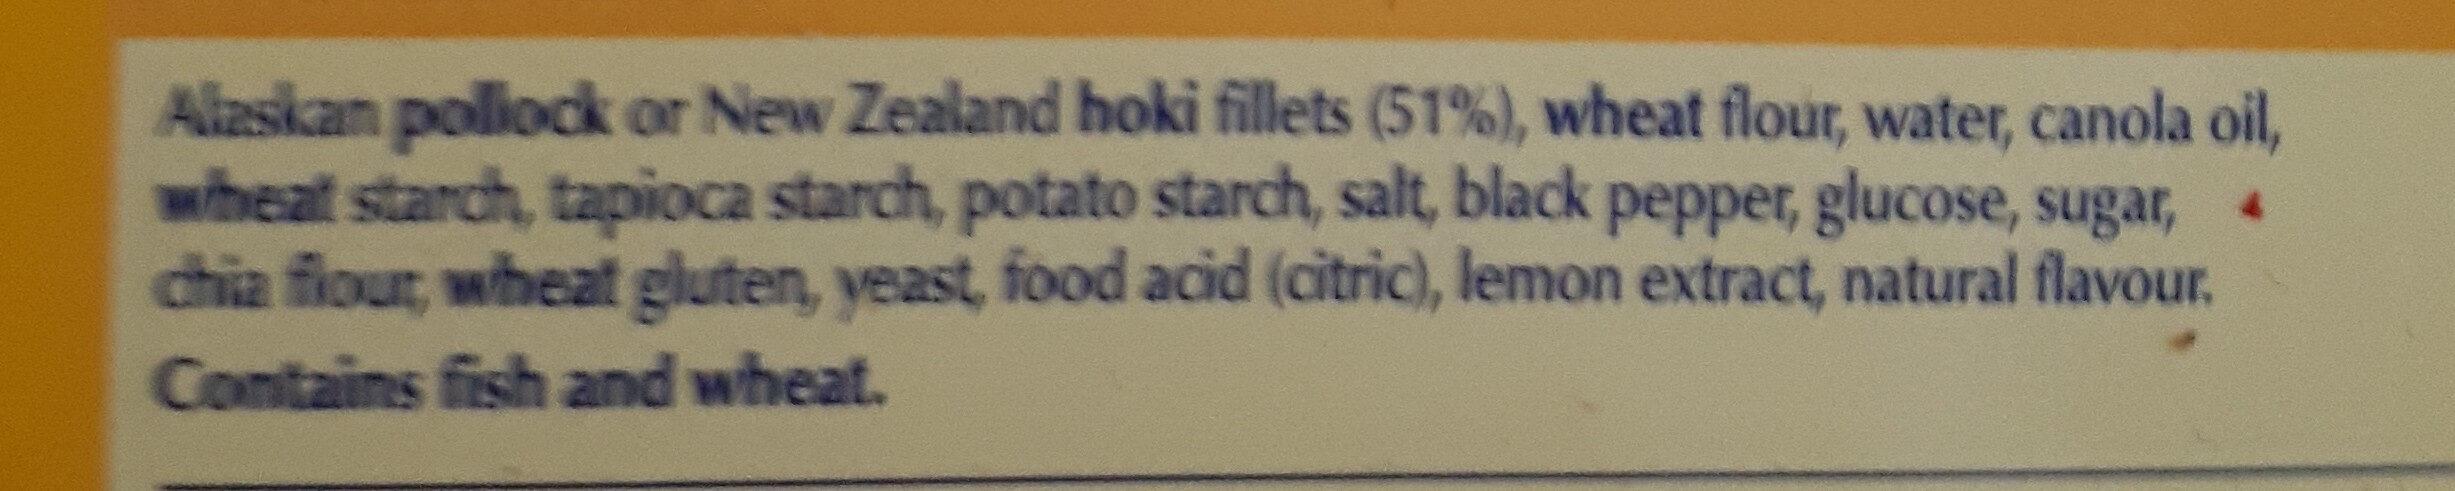 Oven Bake 6 Lemon Pepper Crumb 100% Fish Fillets - Ingrédients - en